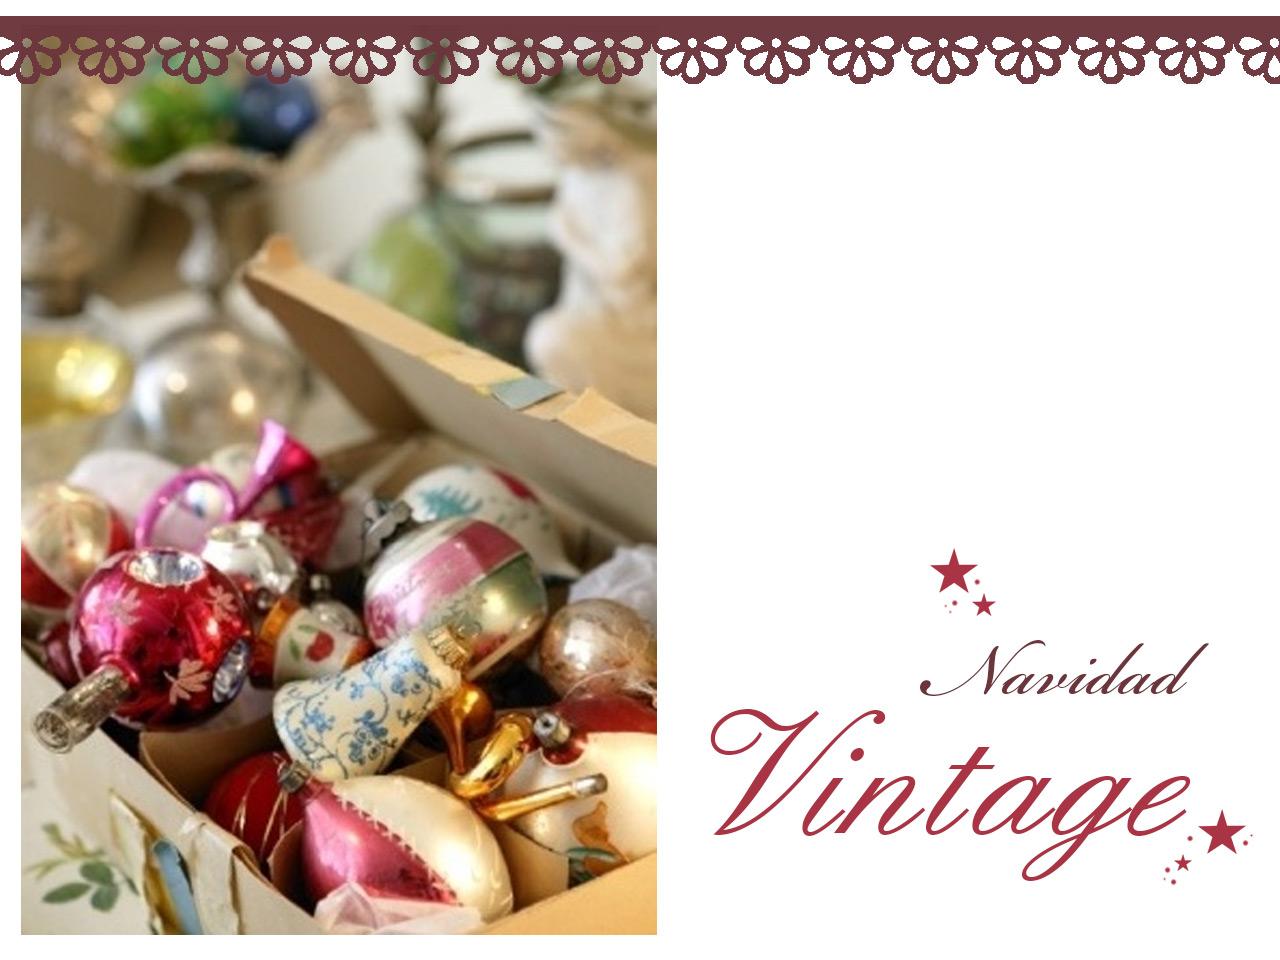 Decoraci n vintage para navidad ideas para decorar for Decoracion para navidad 2014